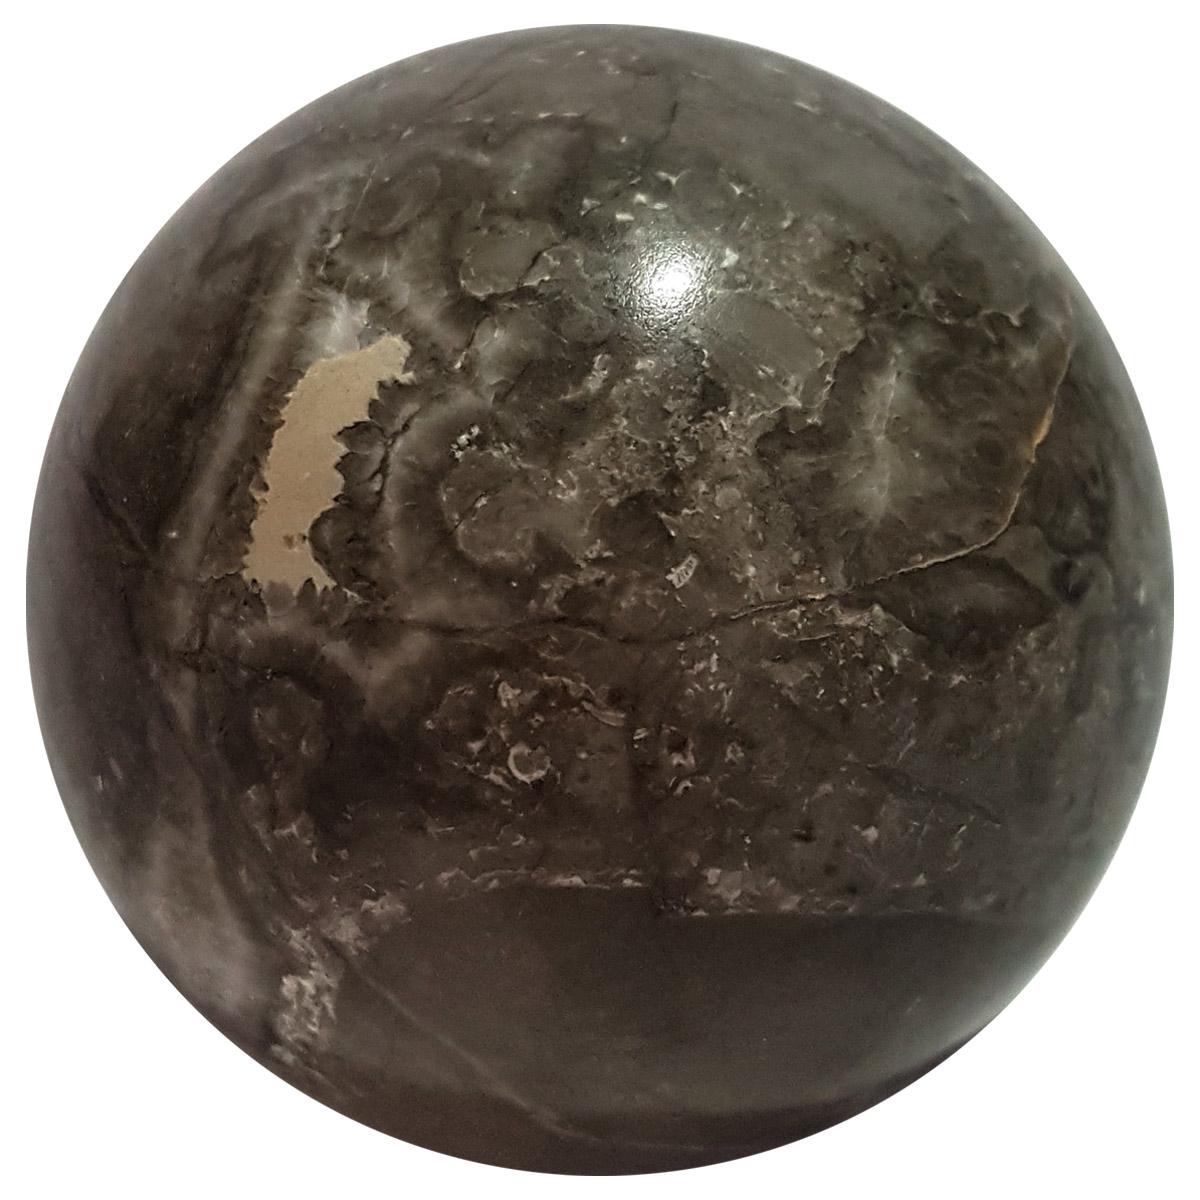 Sfera in marmo grigio di Billiemi